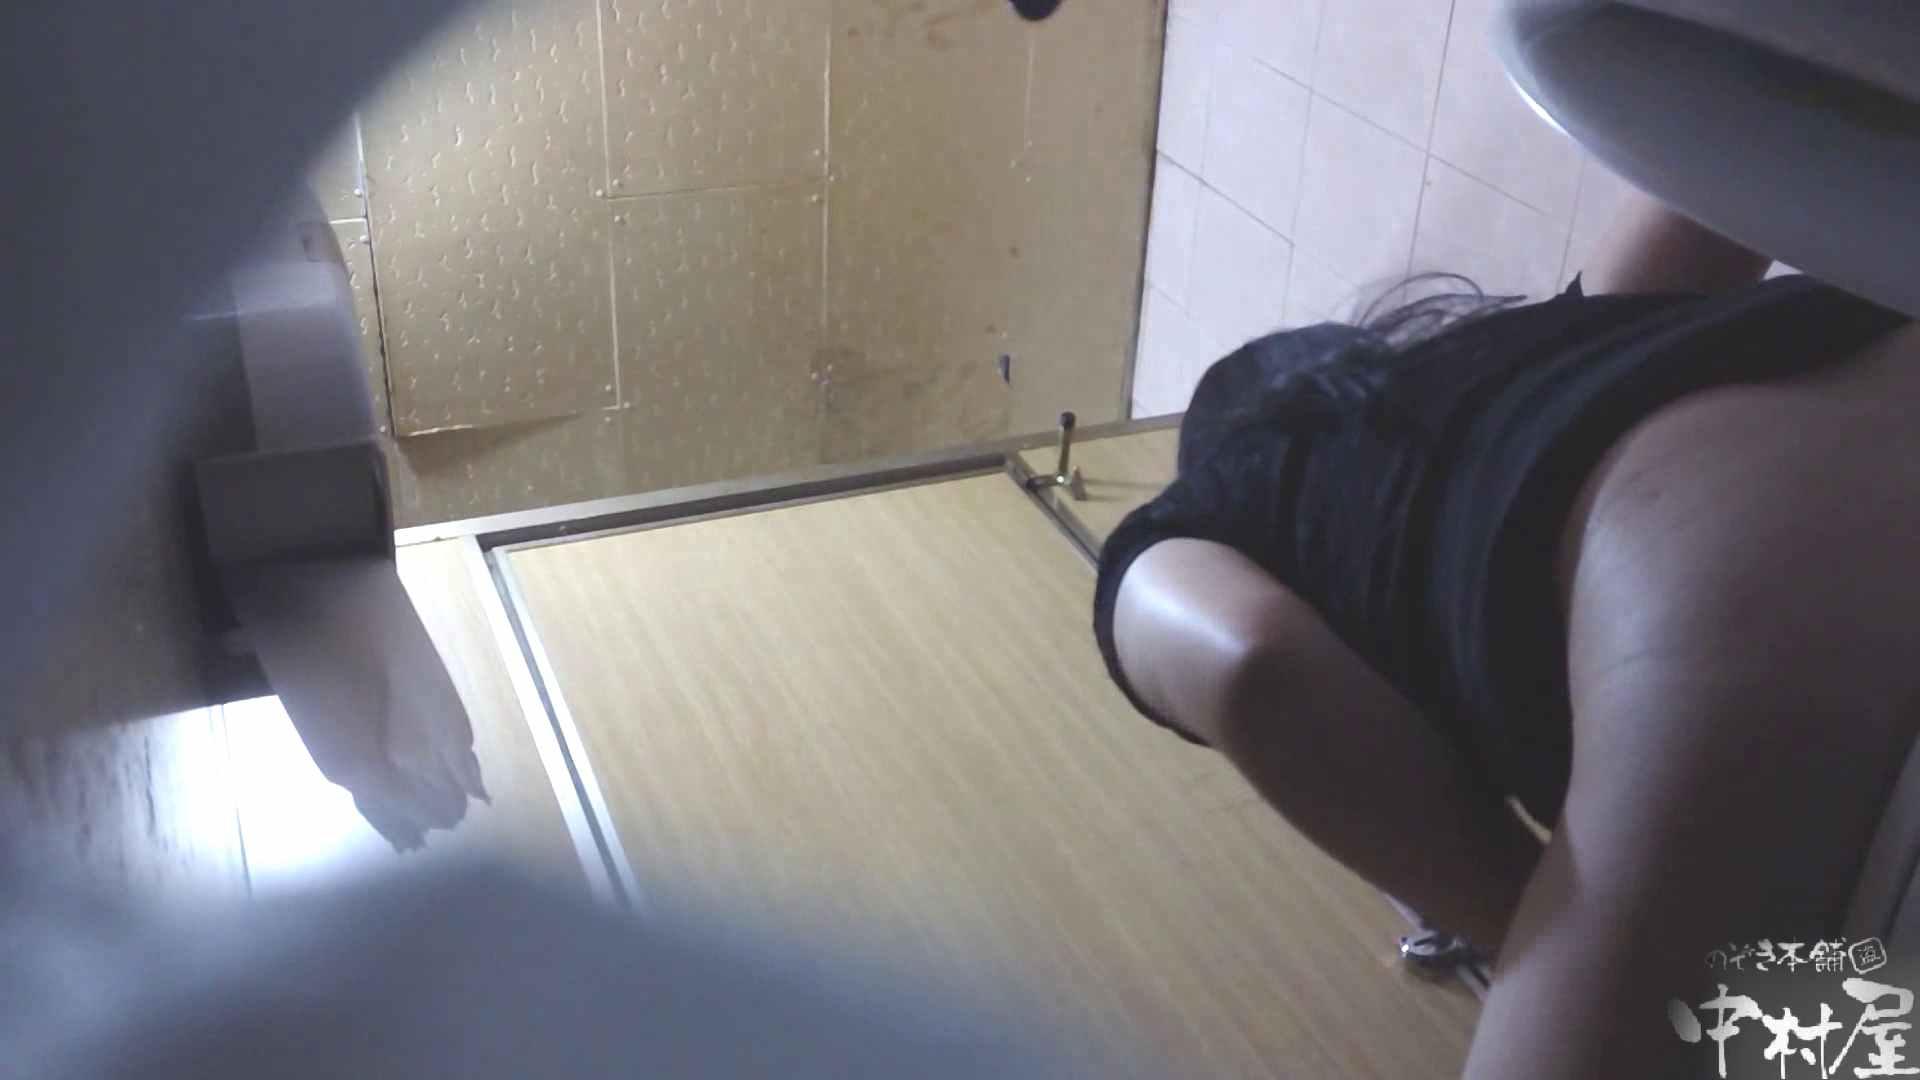 韓流トイレ盗撮vol.12 OLエロ画像 盗み撮りオマンコ動画キャプチャ 45PICs 26